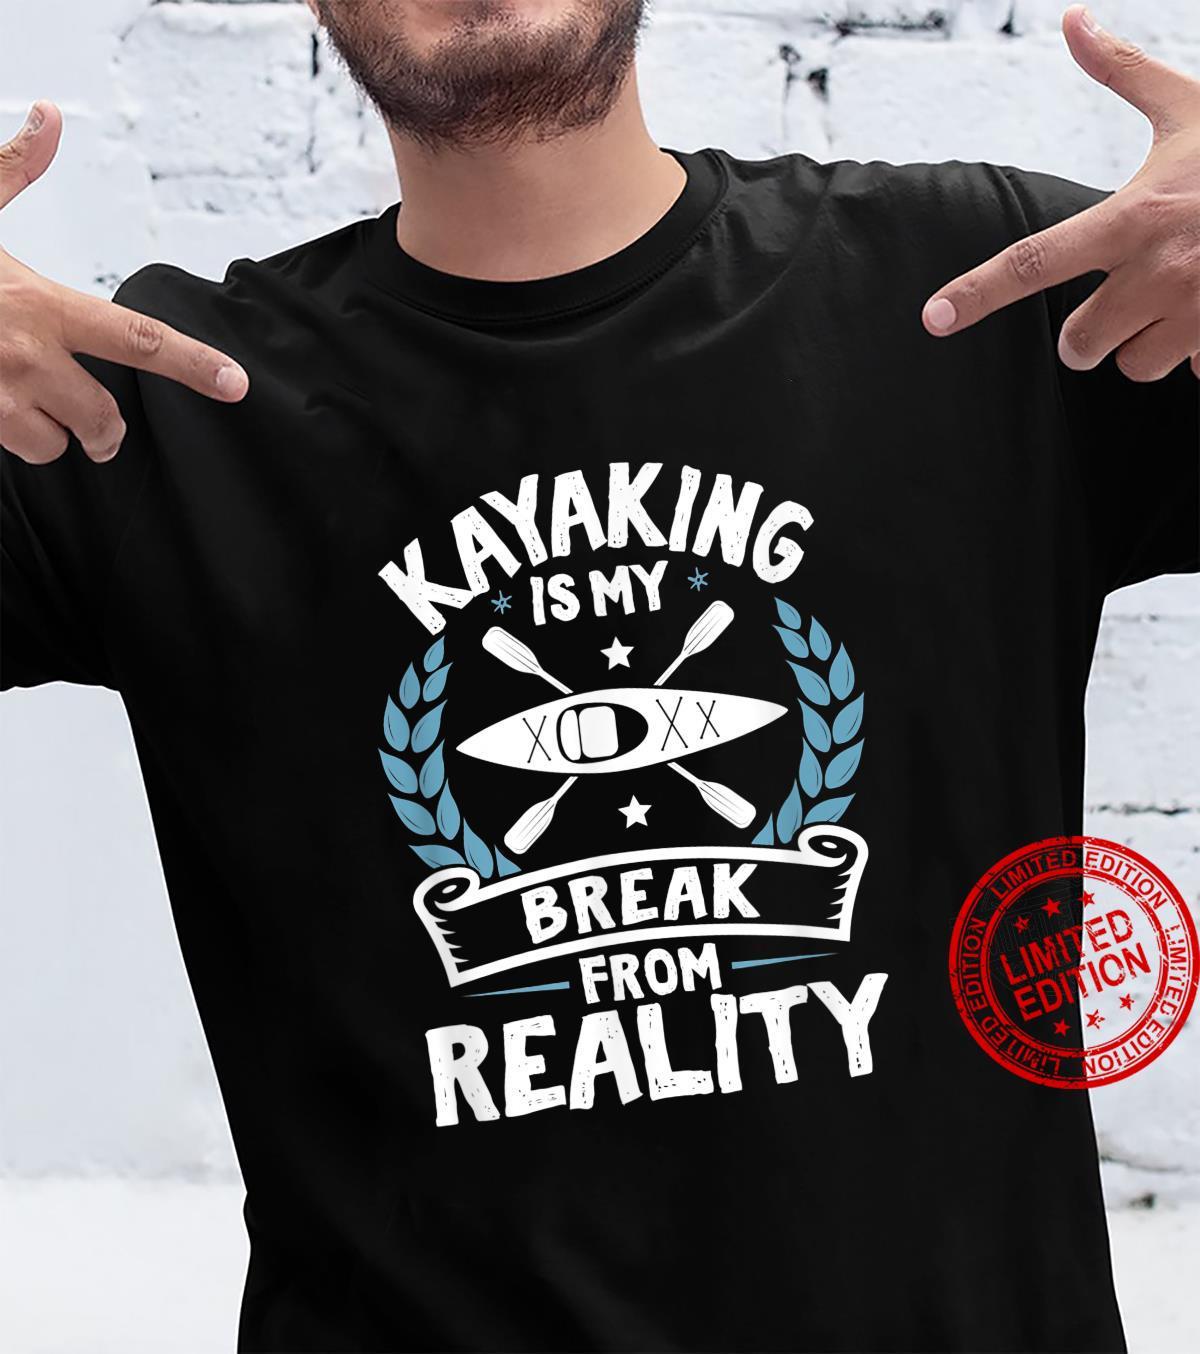 Kajak Fahren Pause Realität Coole Tolle Kanut Kanu Comic Shirt